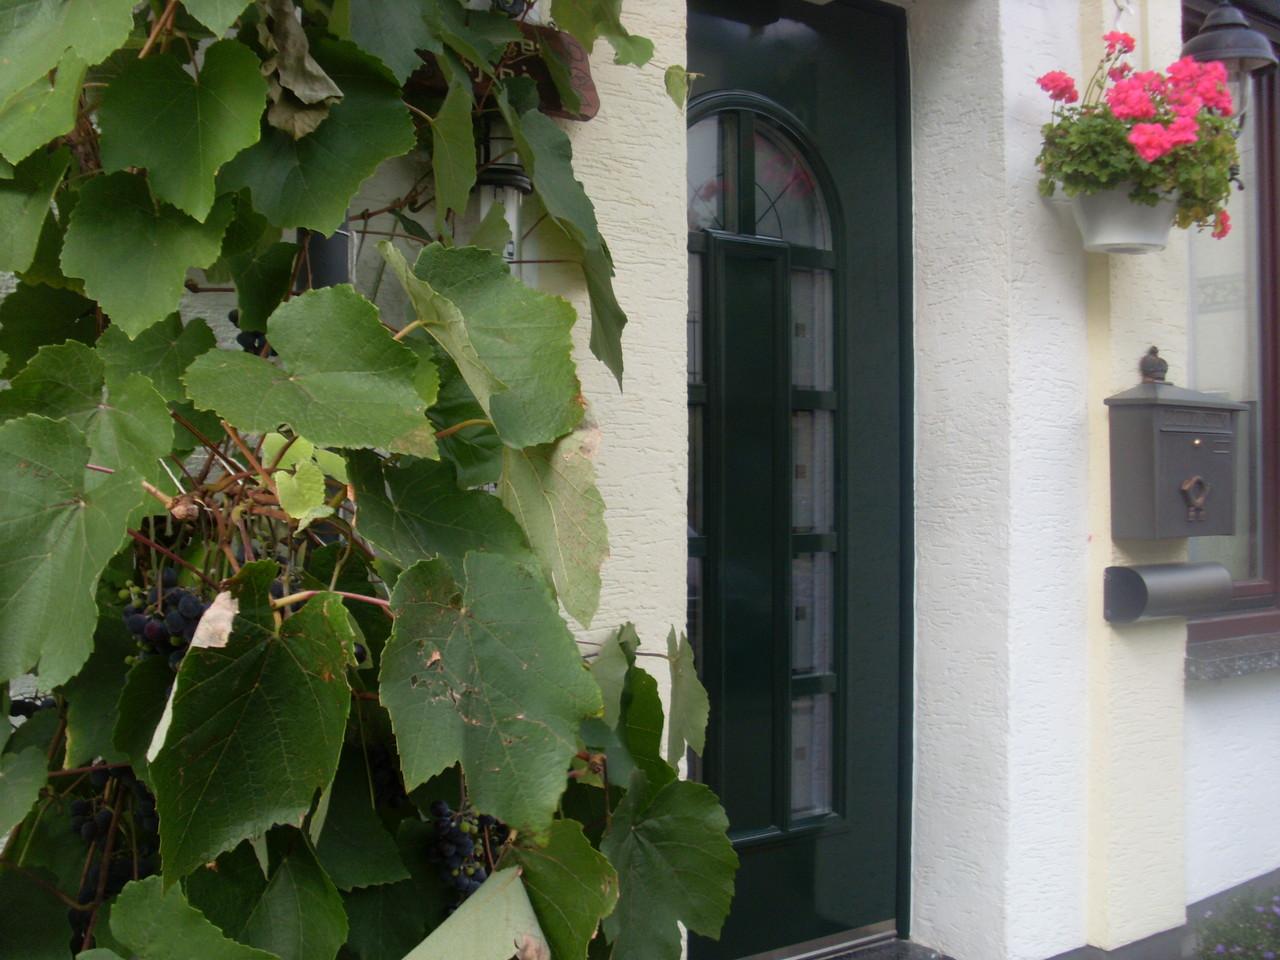 Haustüre mit Traubenstock